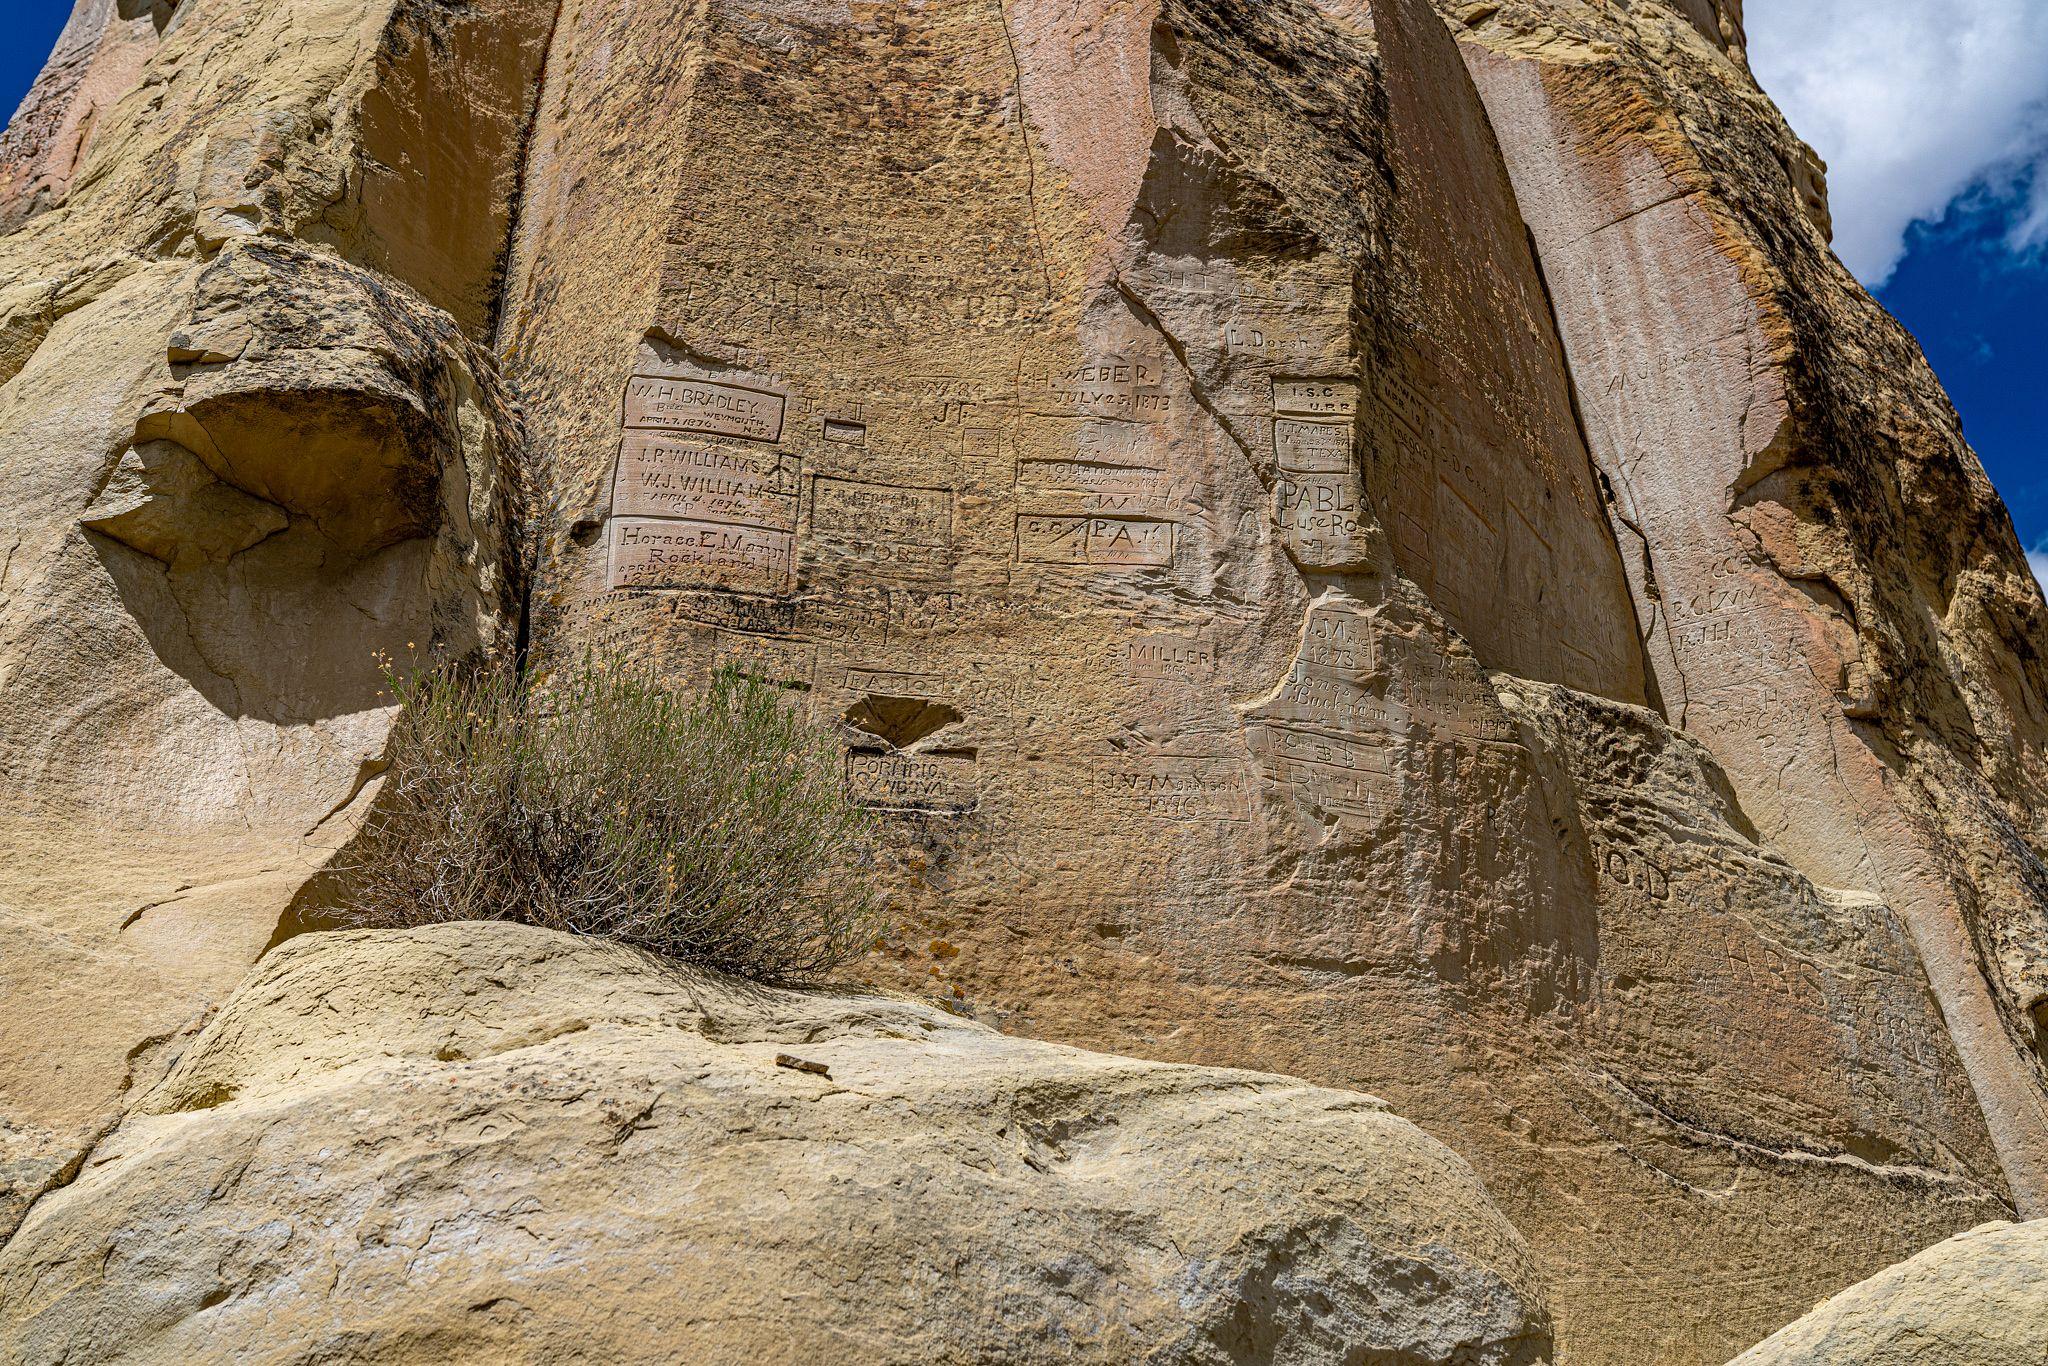 El Morro Inscription Rock